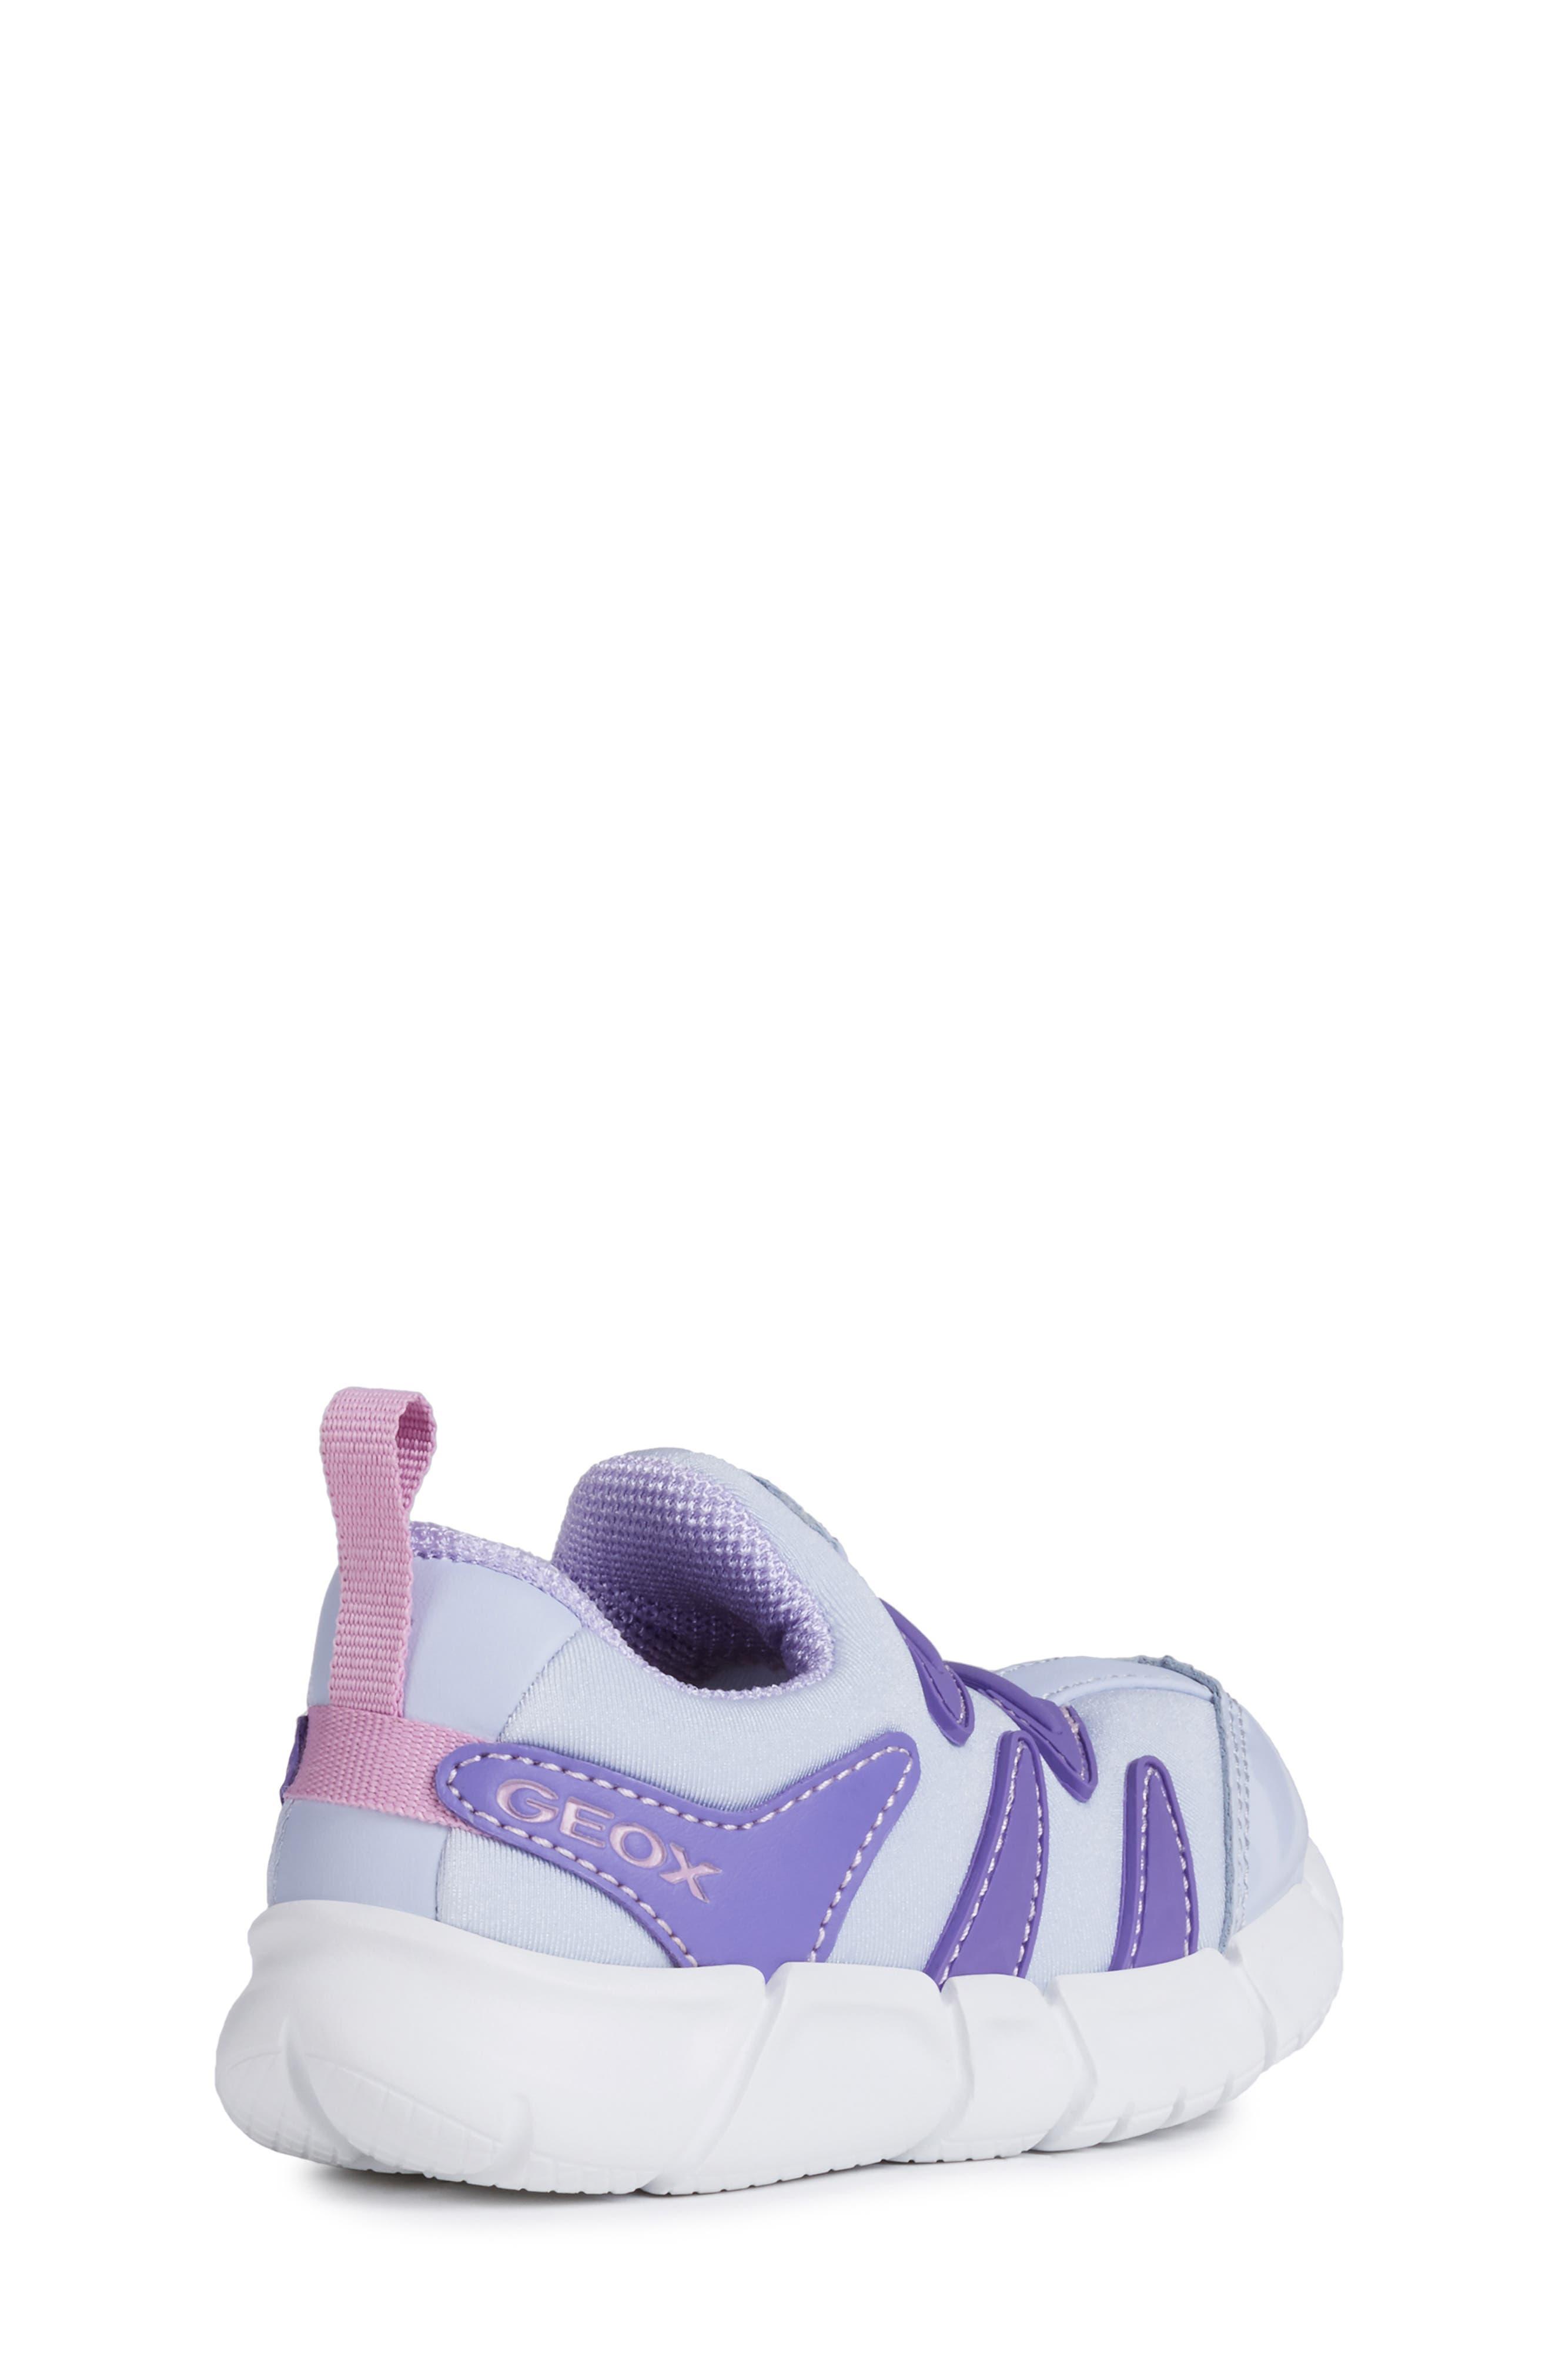 Flexyper Sneaker,                             Alternate thumbnail 7, color,                             SOFT SKY